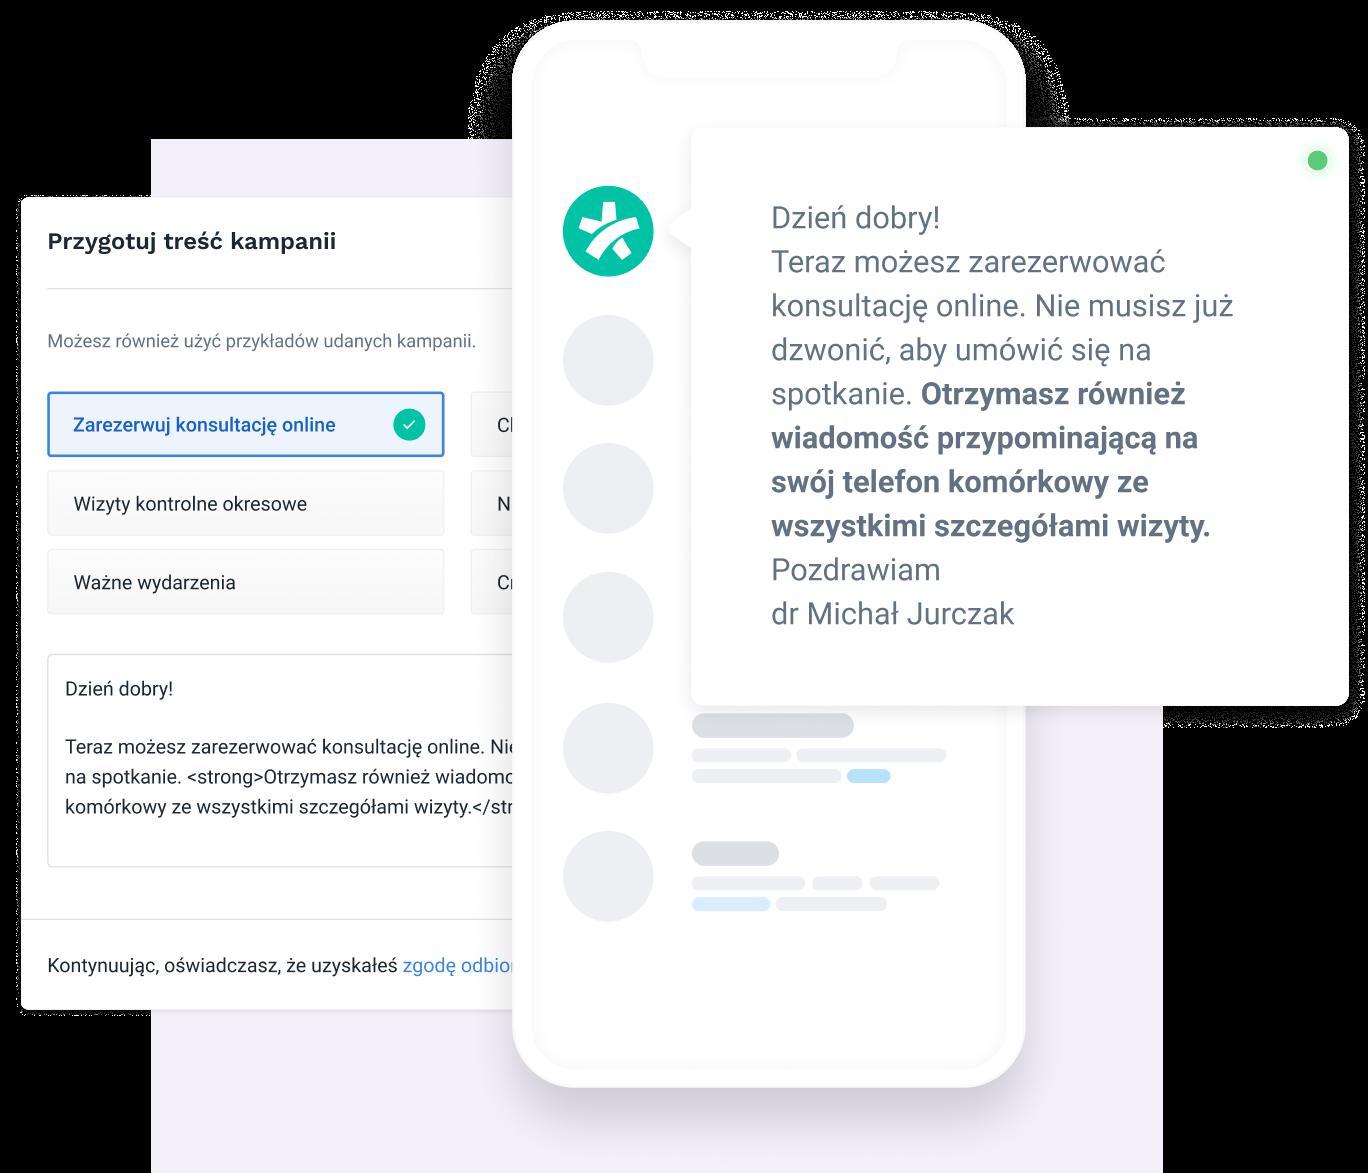 pl-online-consultation-lp-solution-4@2x